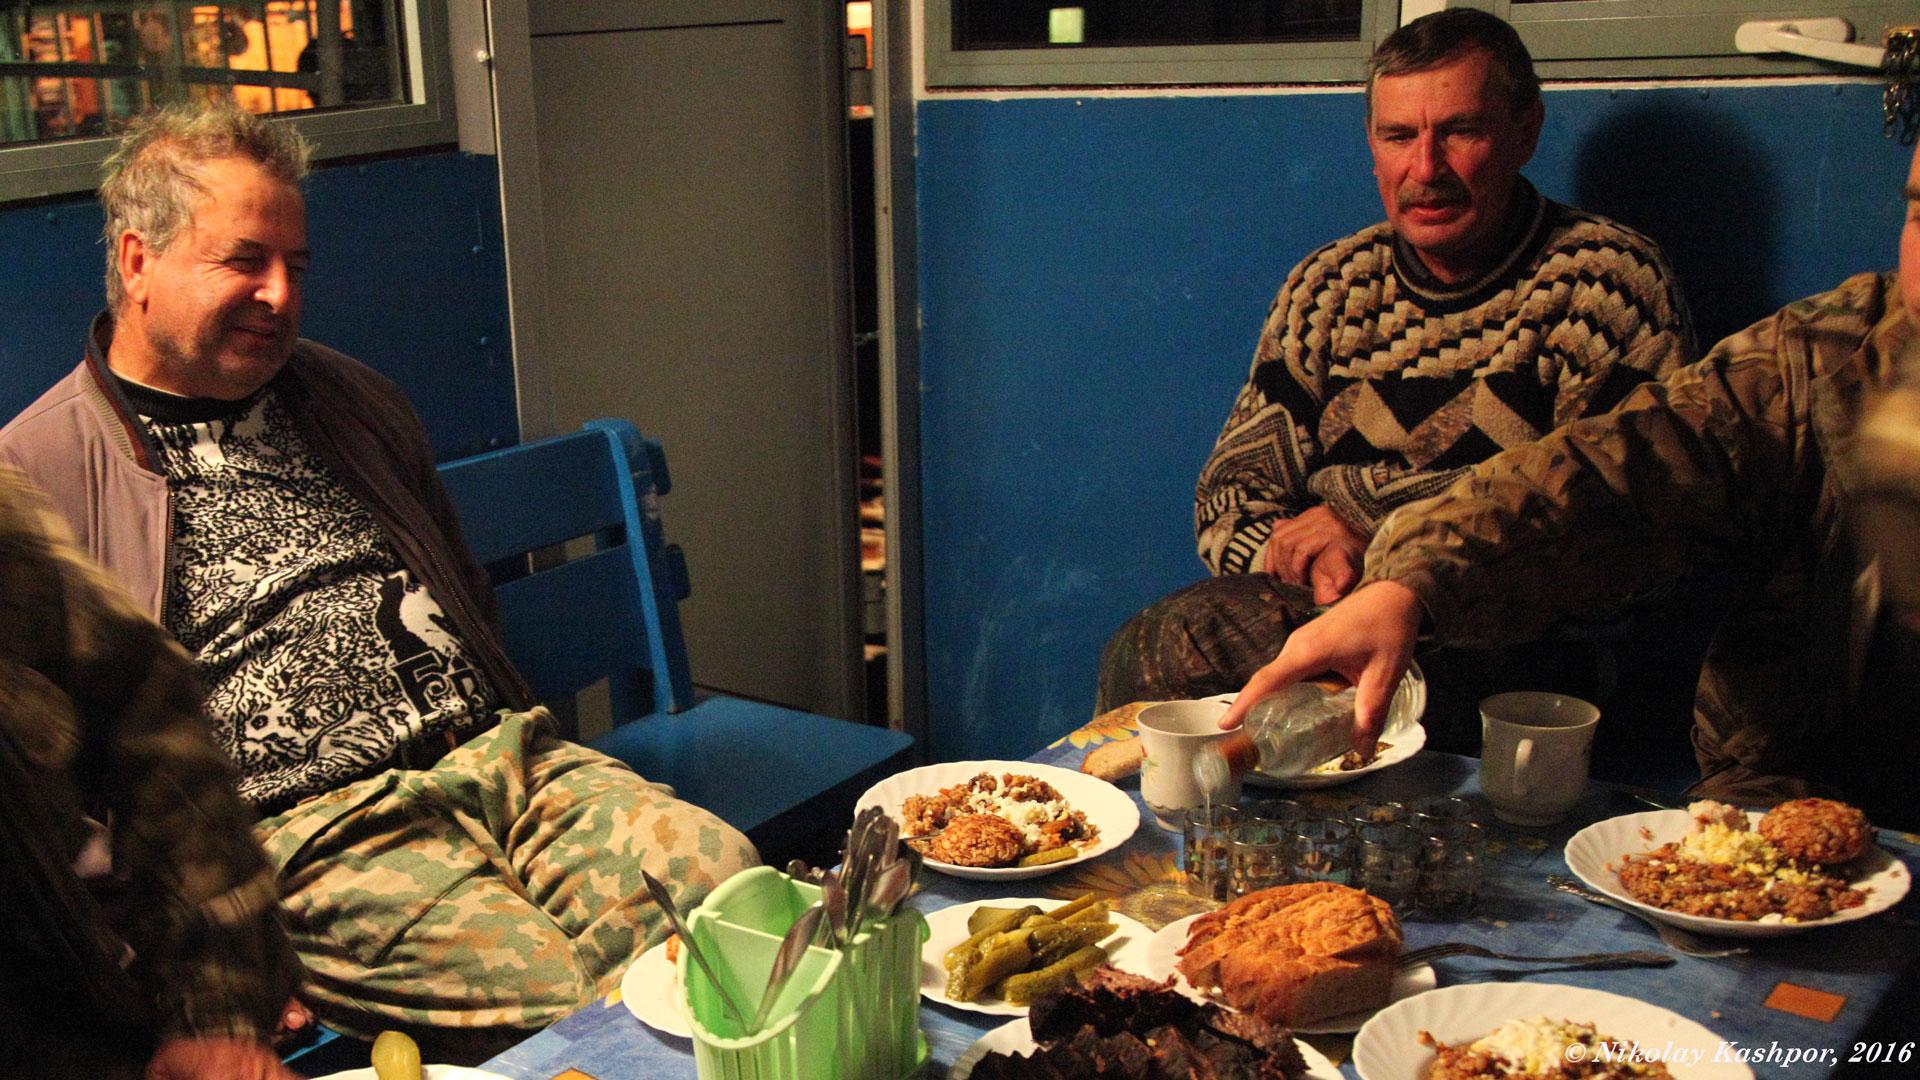 Ужин. Автор фото: Кашпор Николай